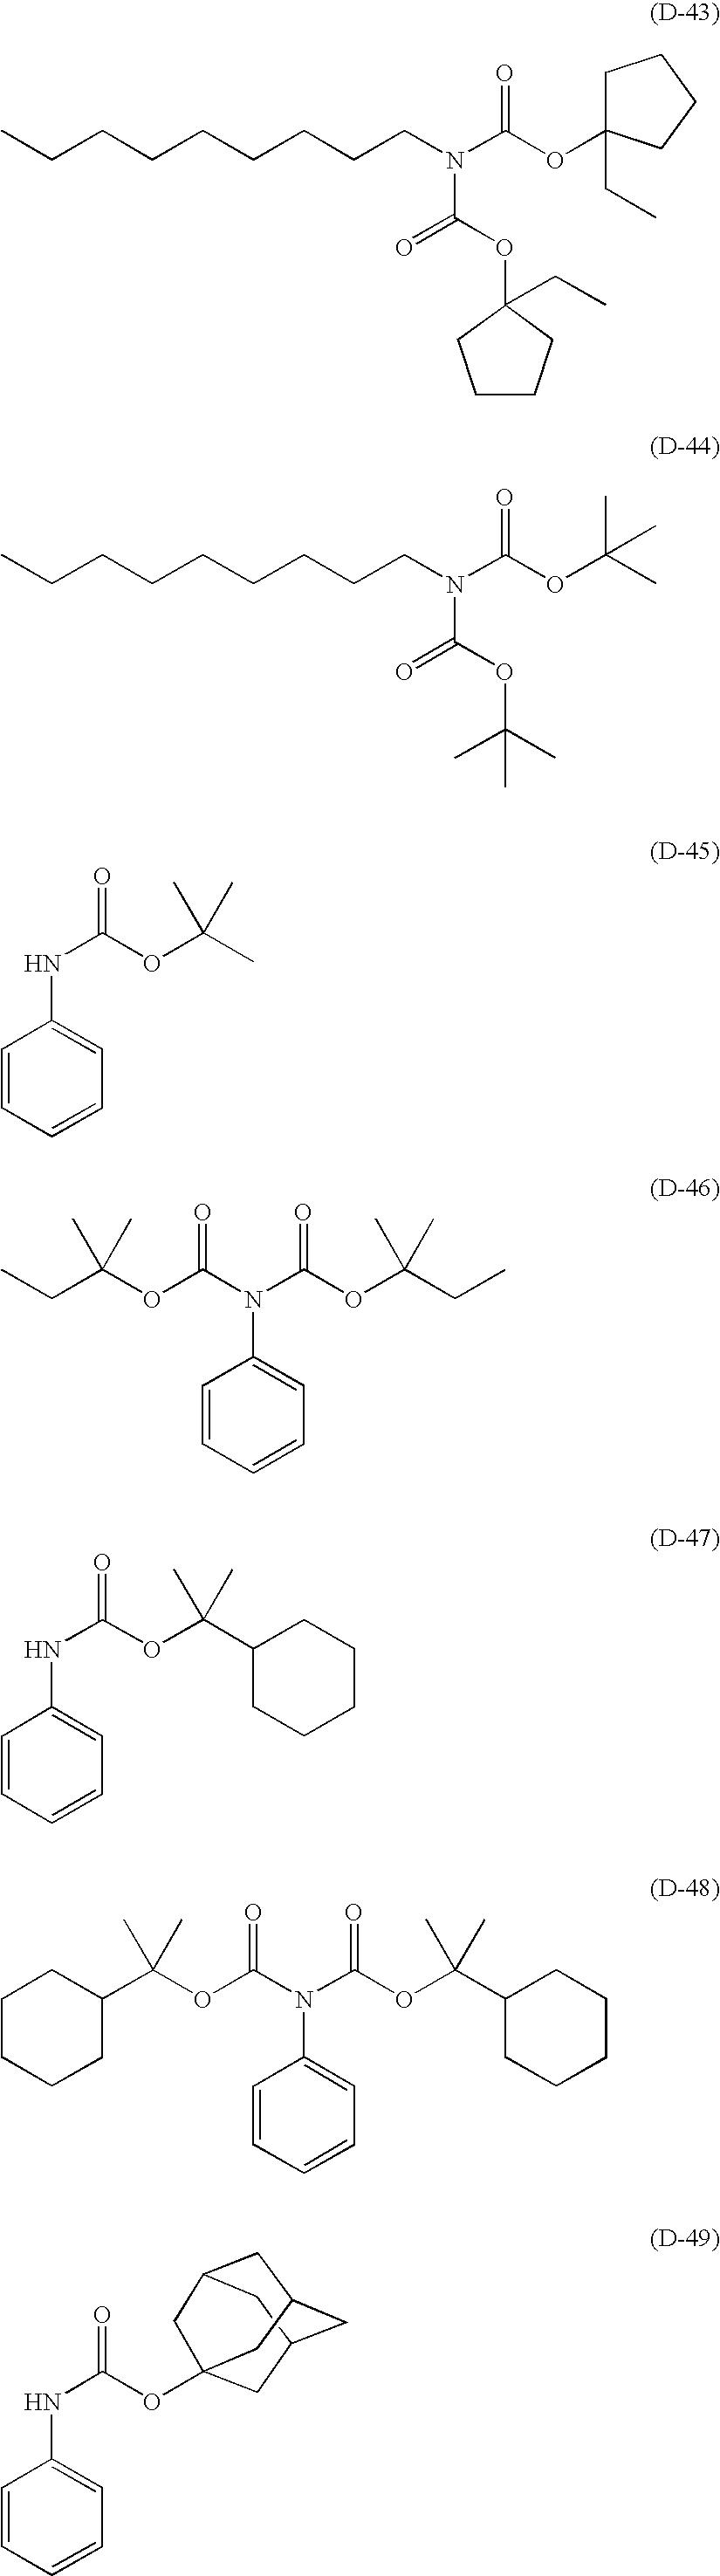 Figure US08404427-20130326-C00105